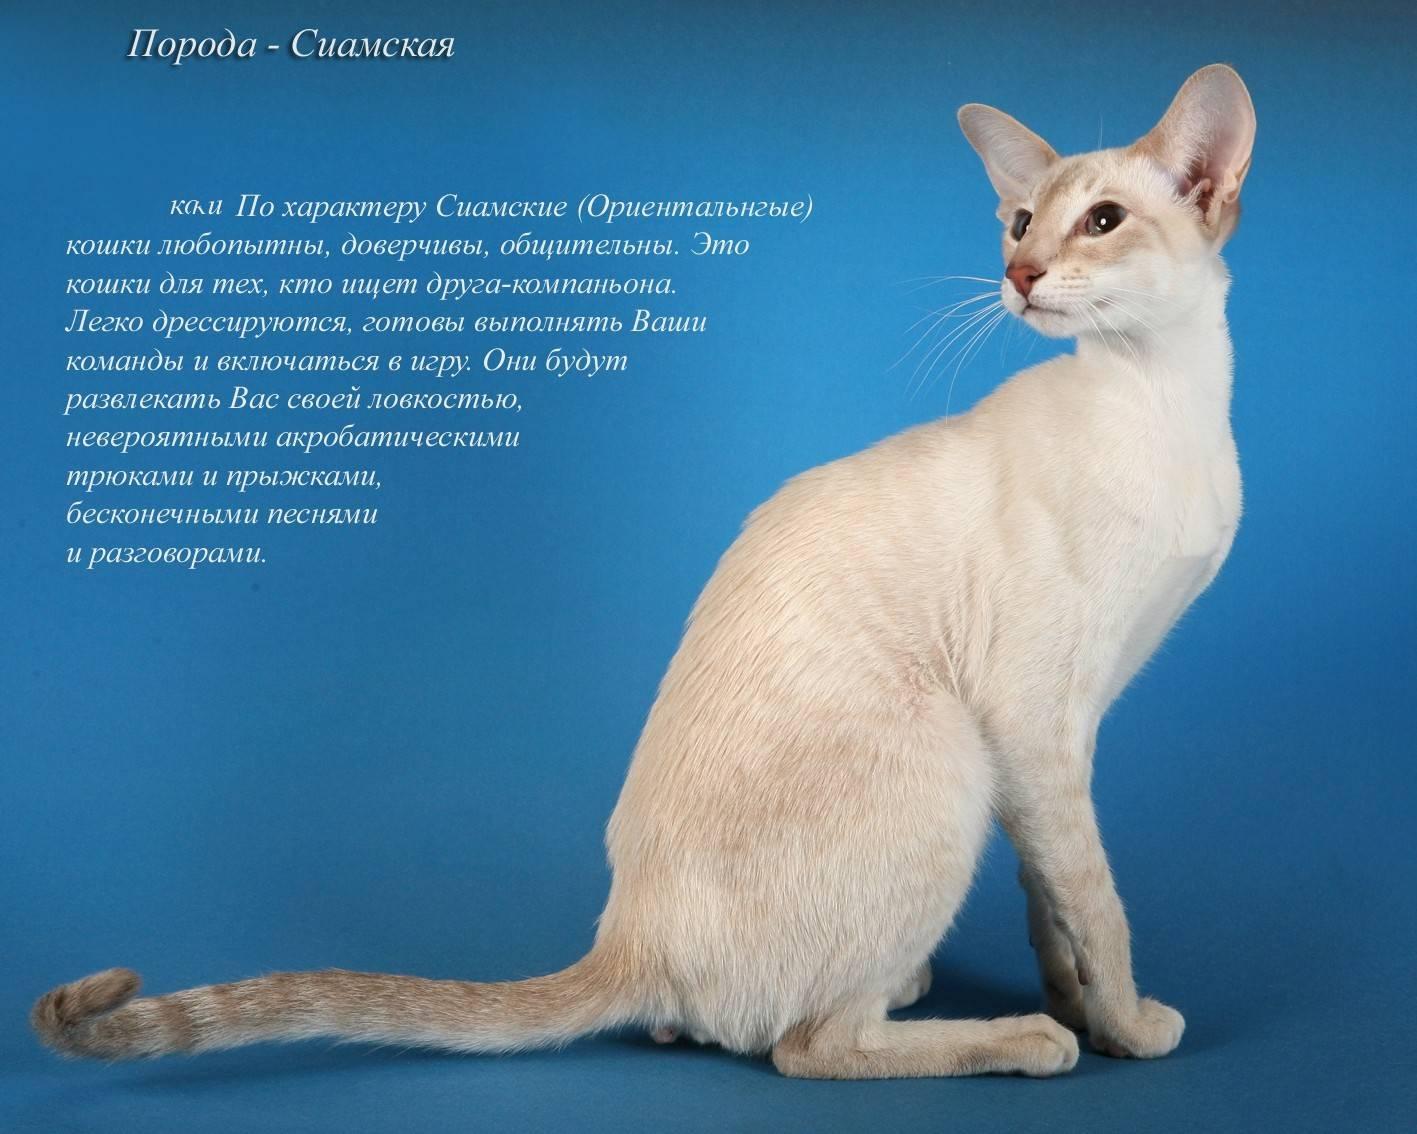 Сиамская кошка: описание породы и характера, правила ухода, содержания, воспитания и кормления